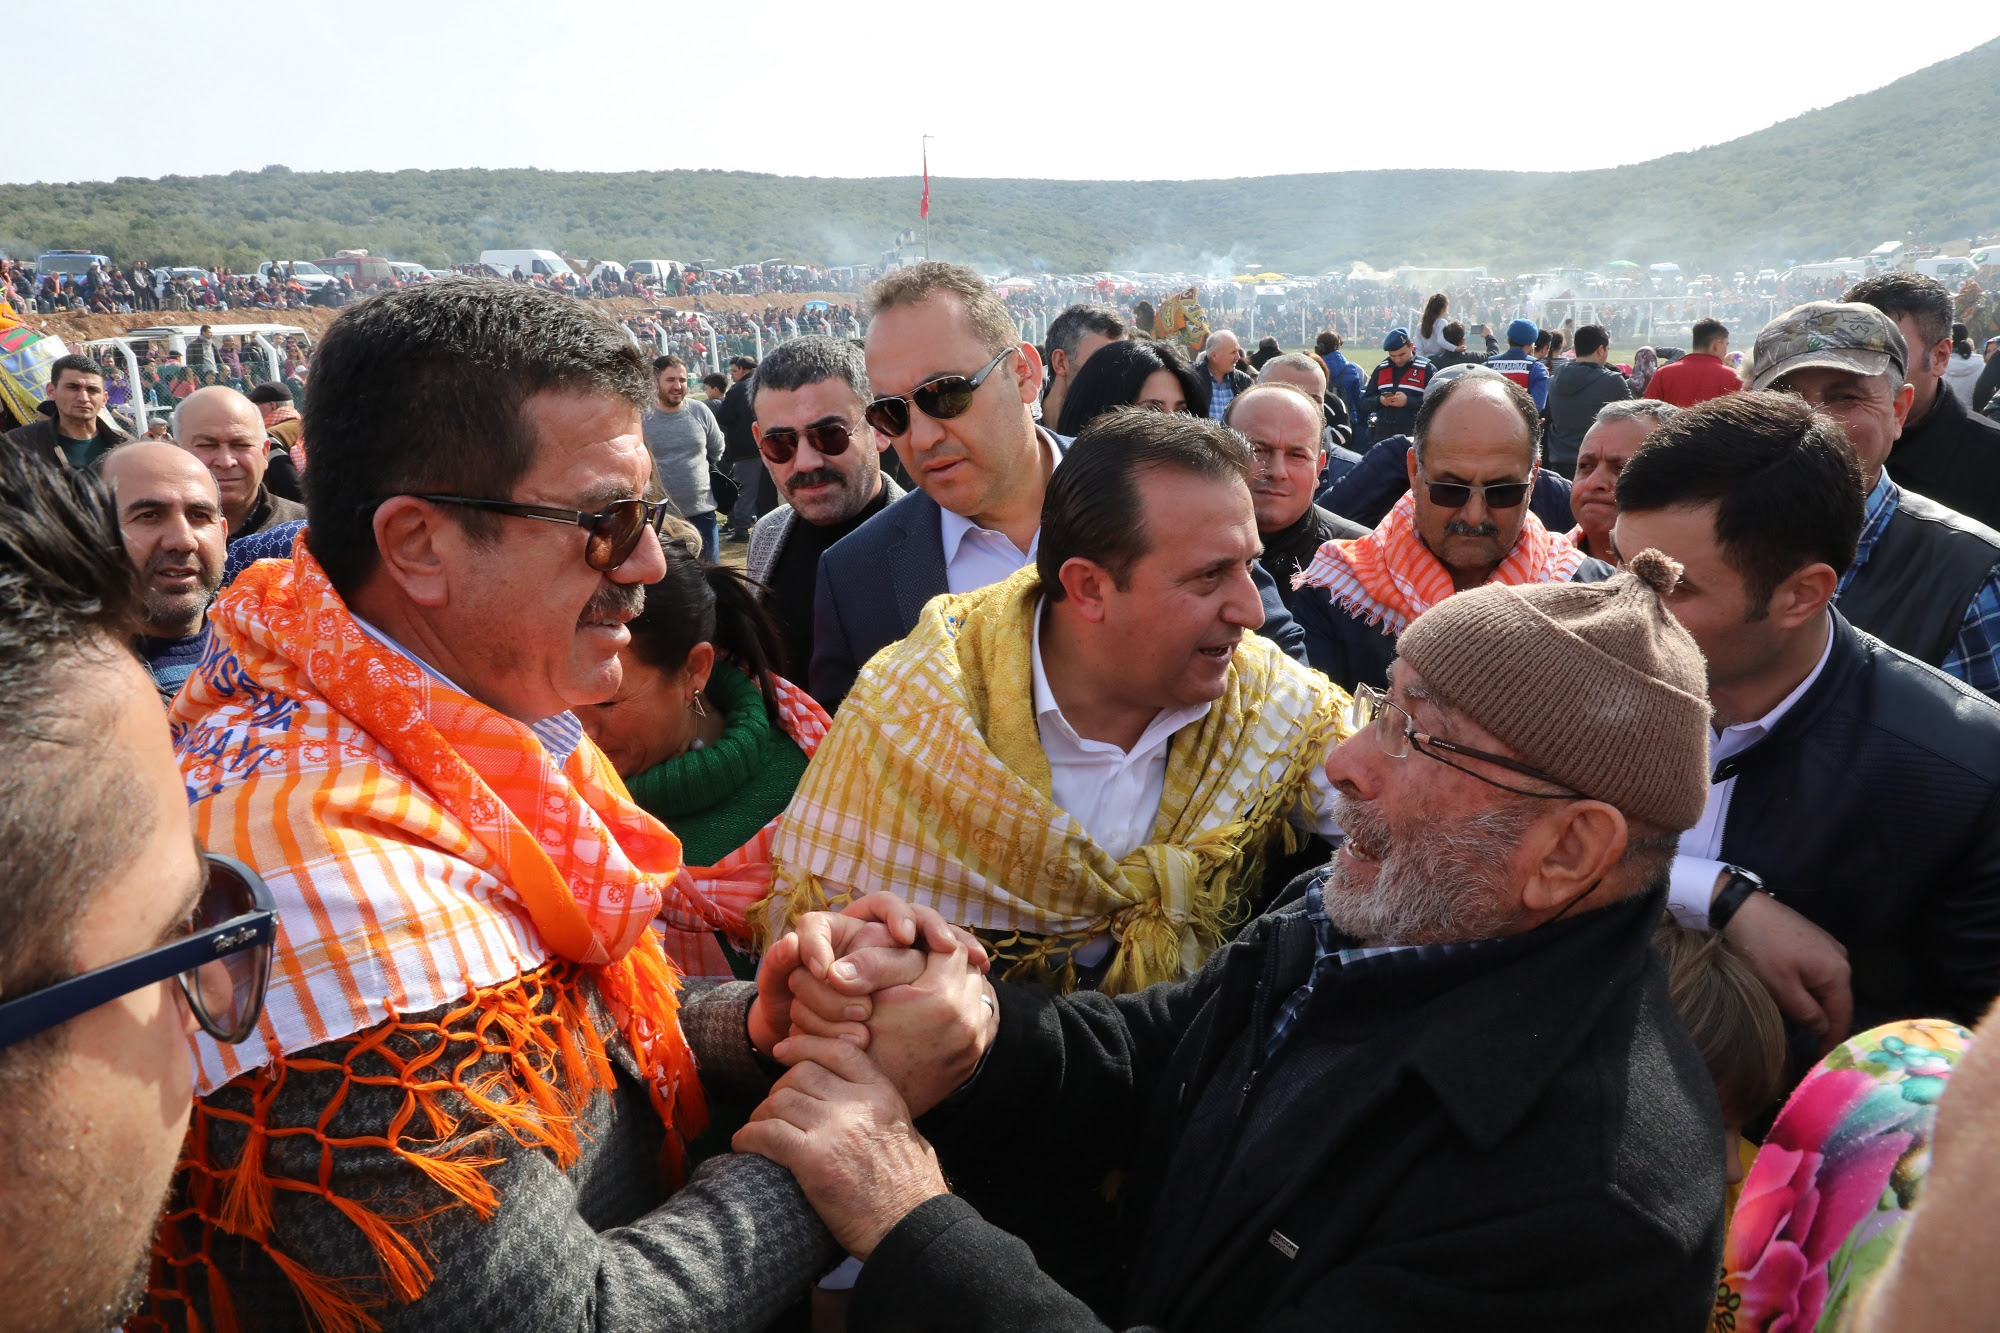 Engelliler İzmir'de rahatça gezebilecek